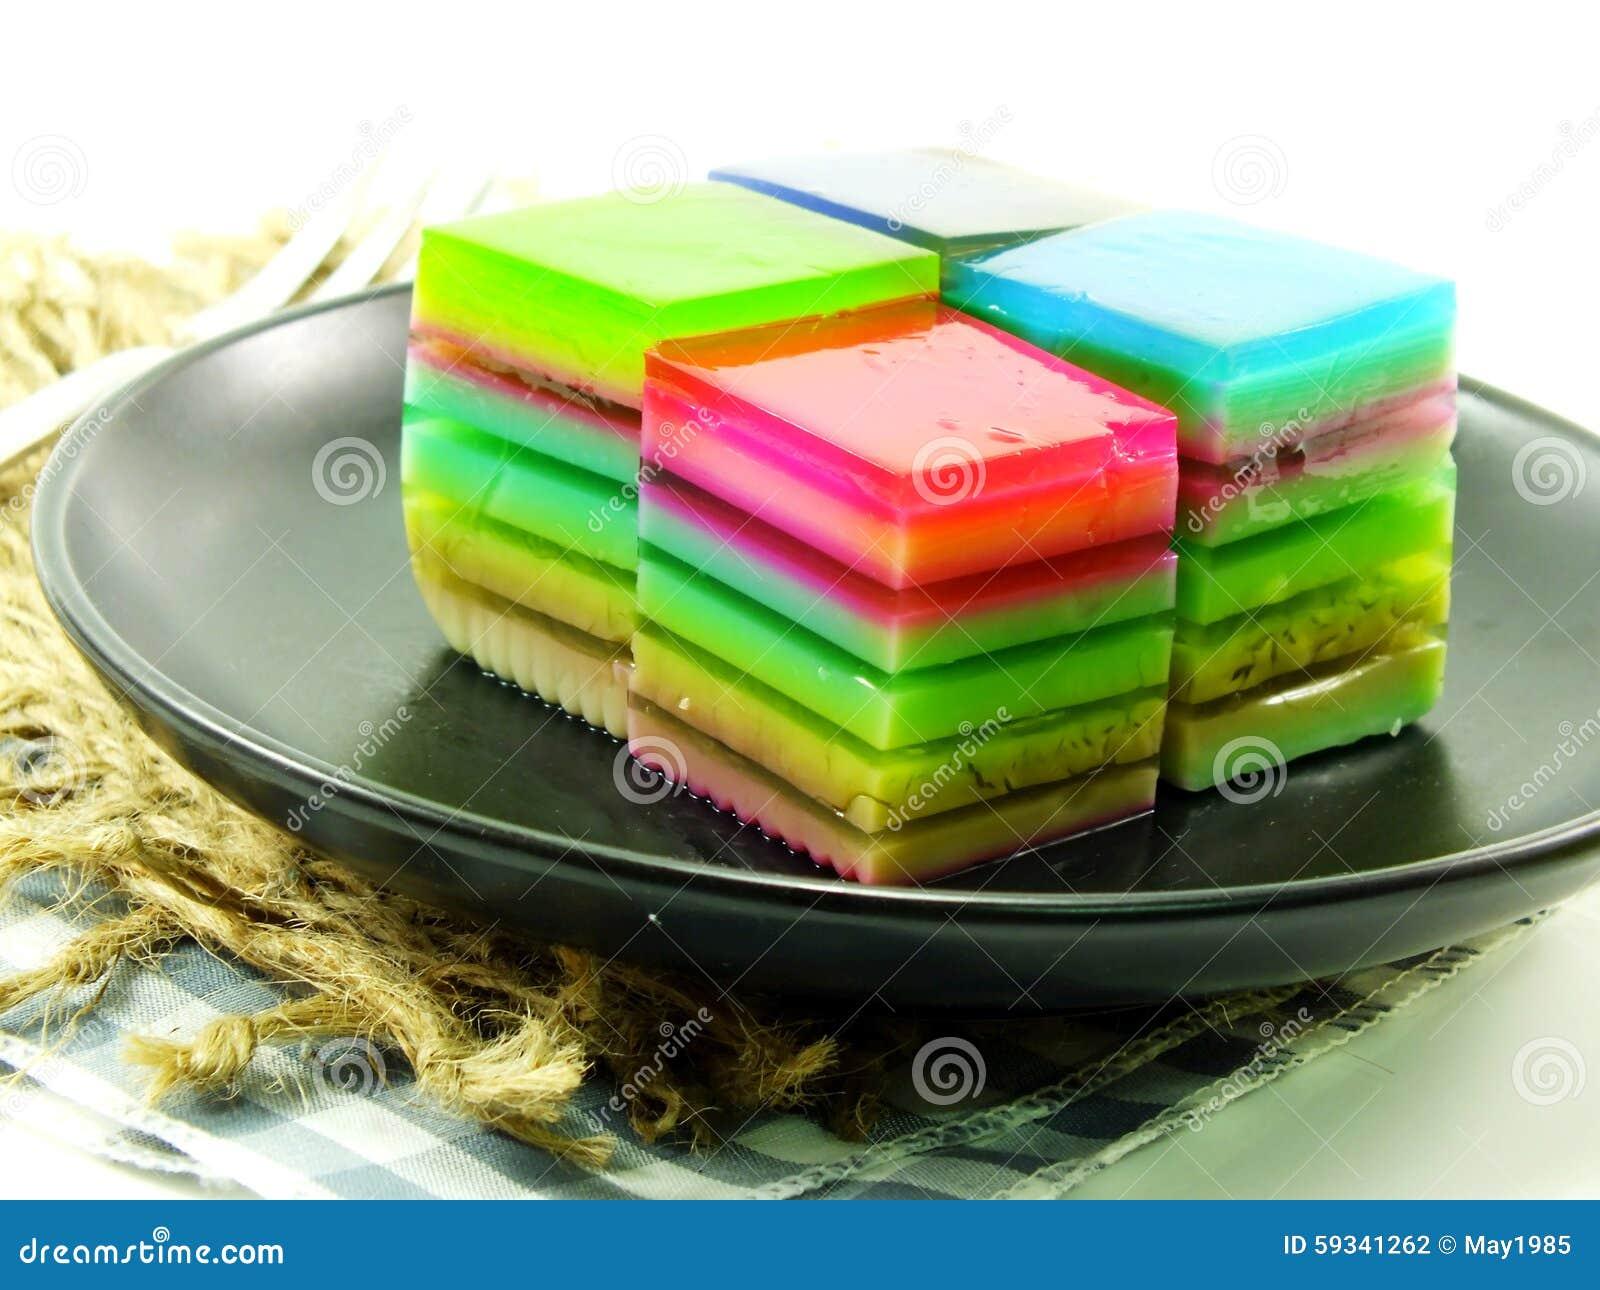 彩虹甜五颜六色的款待分层了堆积凝胶甜点